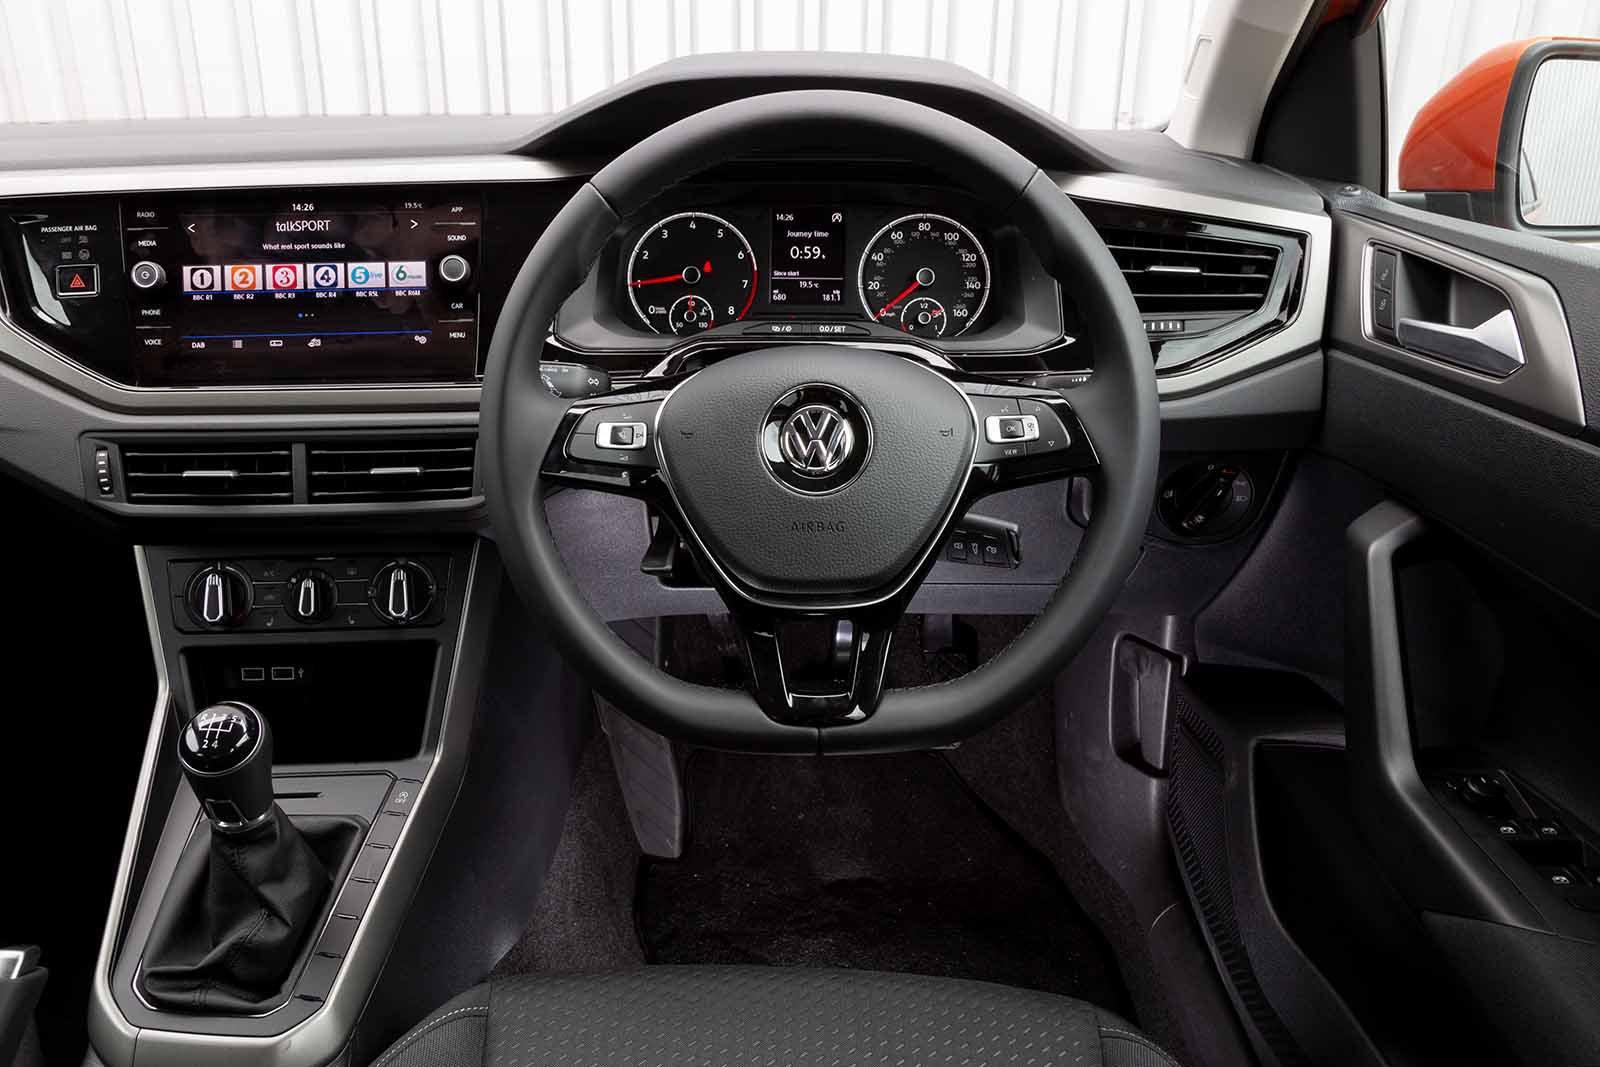 2019 Volkswagen Polo 1.0 TSI auto - interior